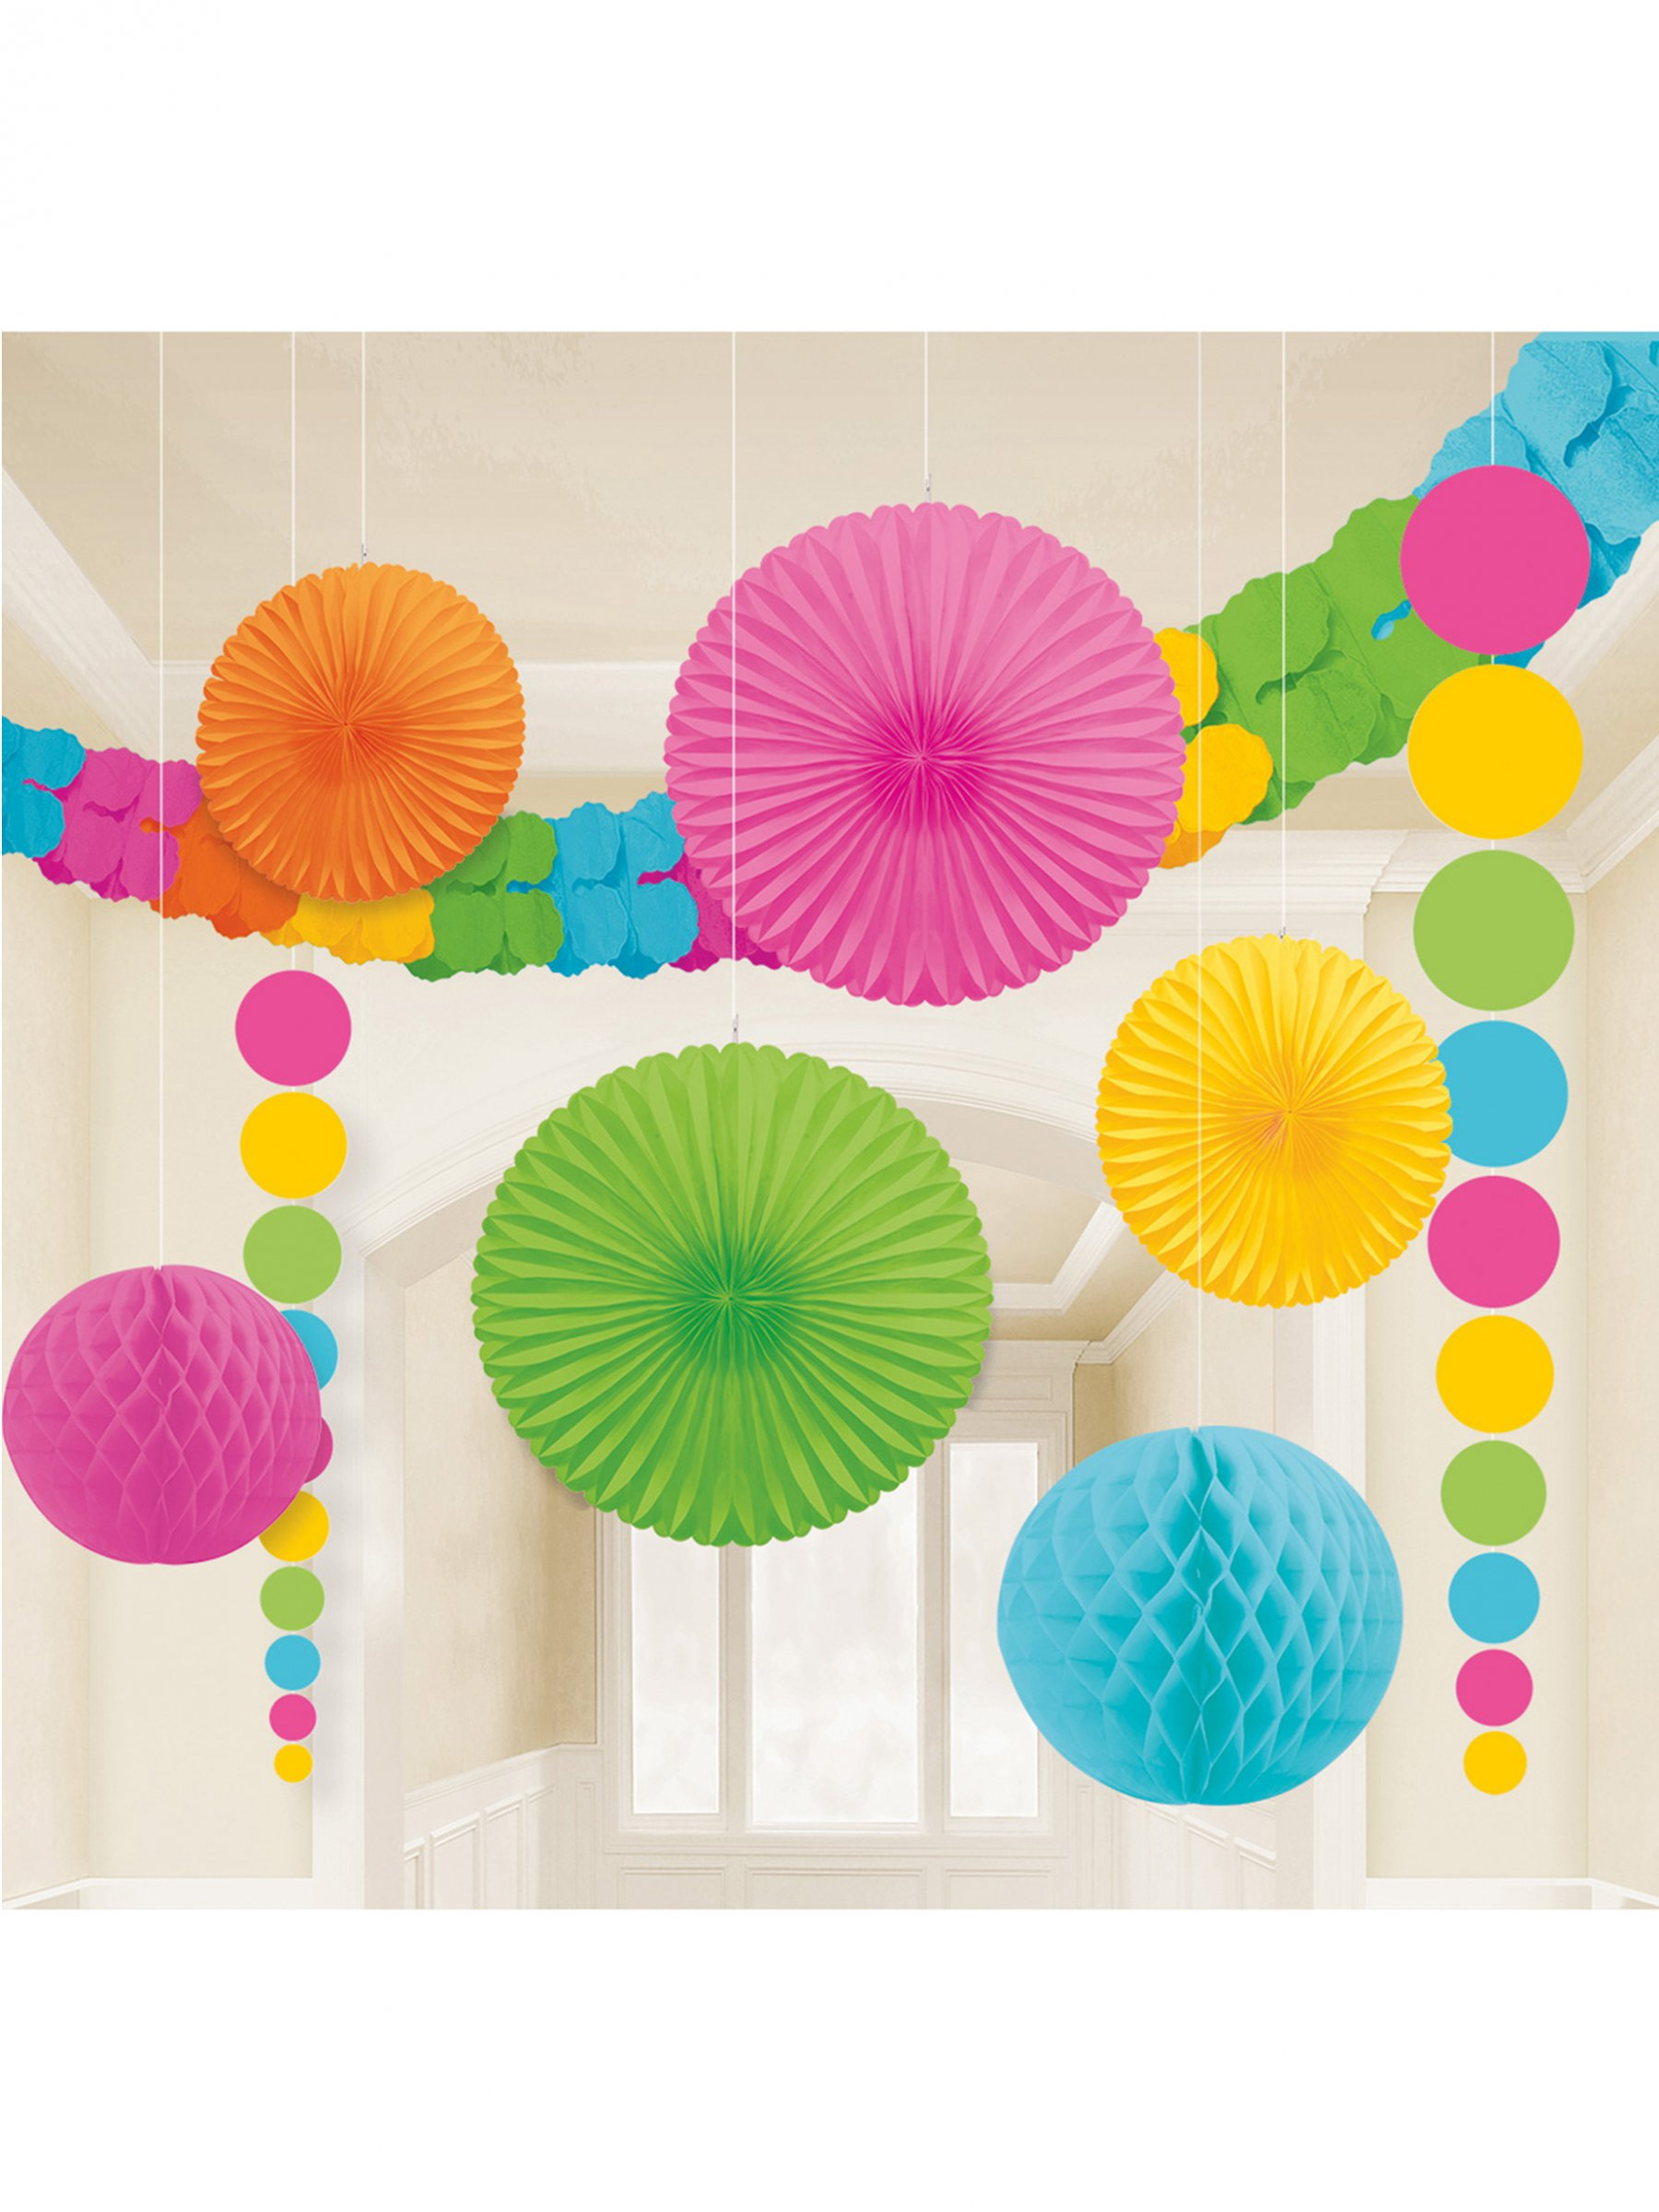 kit de d coration de salle multicolore d coration anniversaire et f tes th me sur vegaoo party. Black Bedroom Furniture Sets. Home Design Ideas